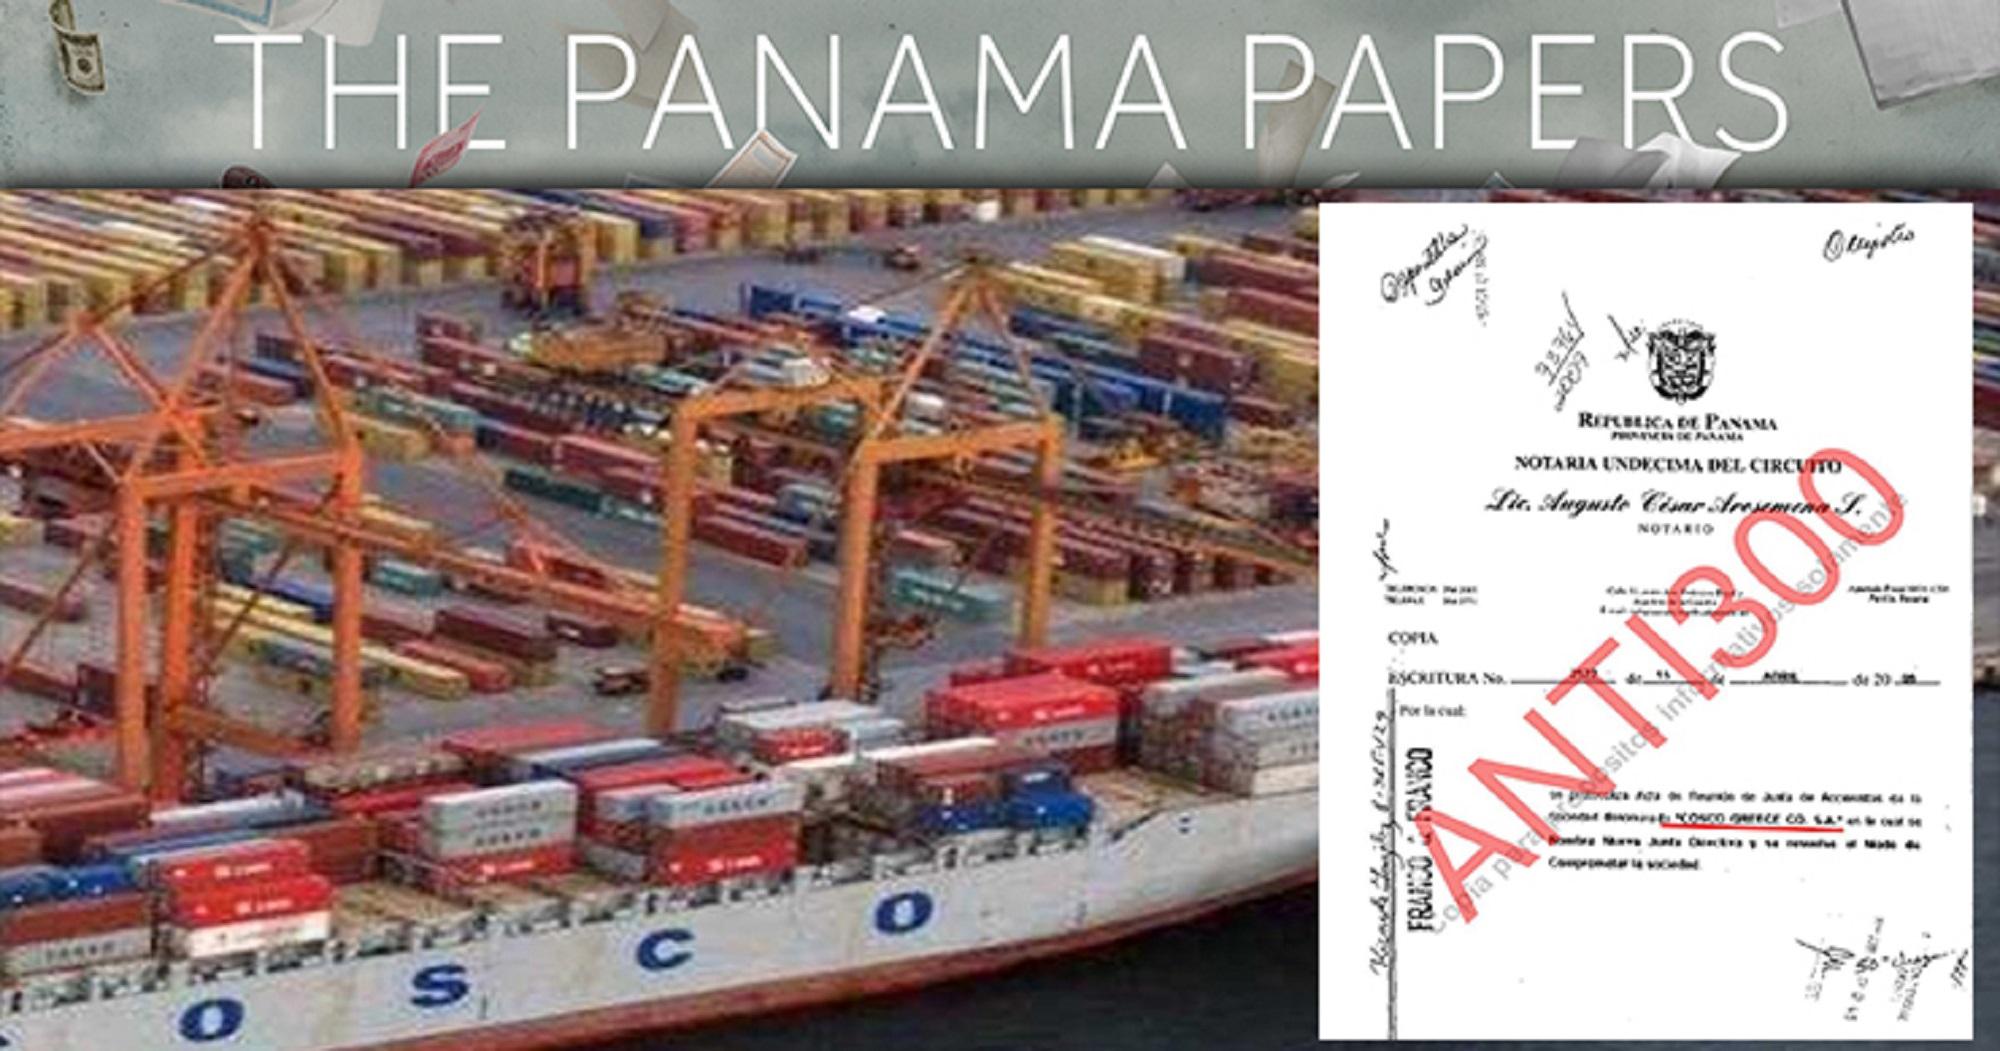 Ραχήλ Μακρή: «Κύριε Σπίρτζη θα ανακαλέσετε και την άδεια της Cosco που έχει την έδρα της στον Παναμά;»